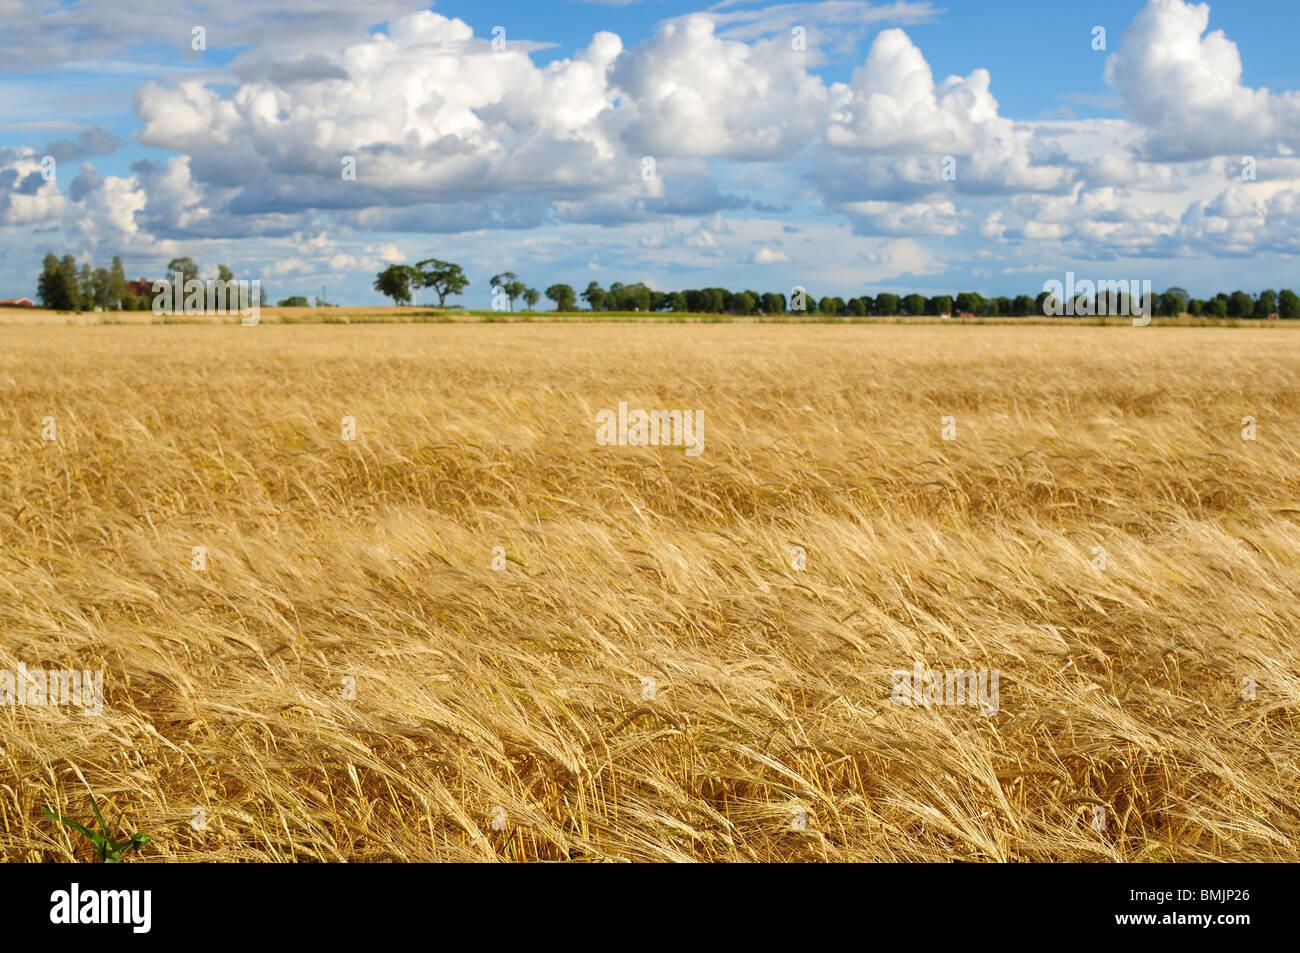 Skandinavien, Schweden, Ostergotland, Blick auf Feld Stockbild